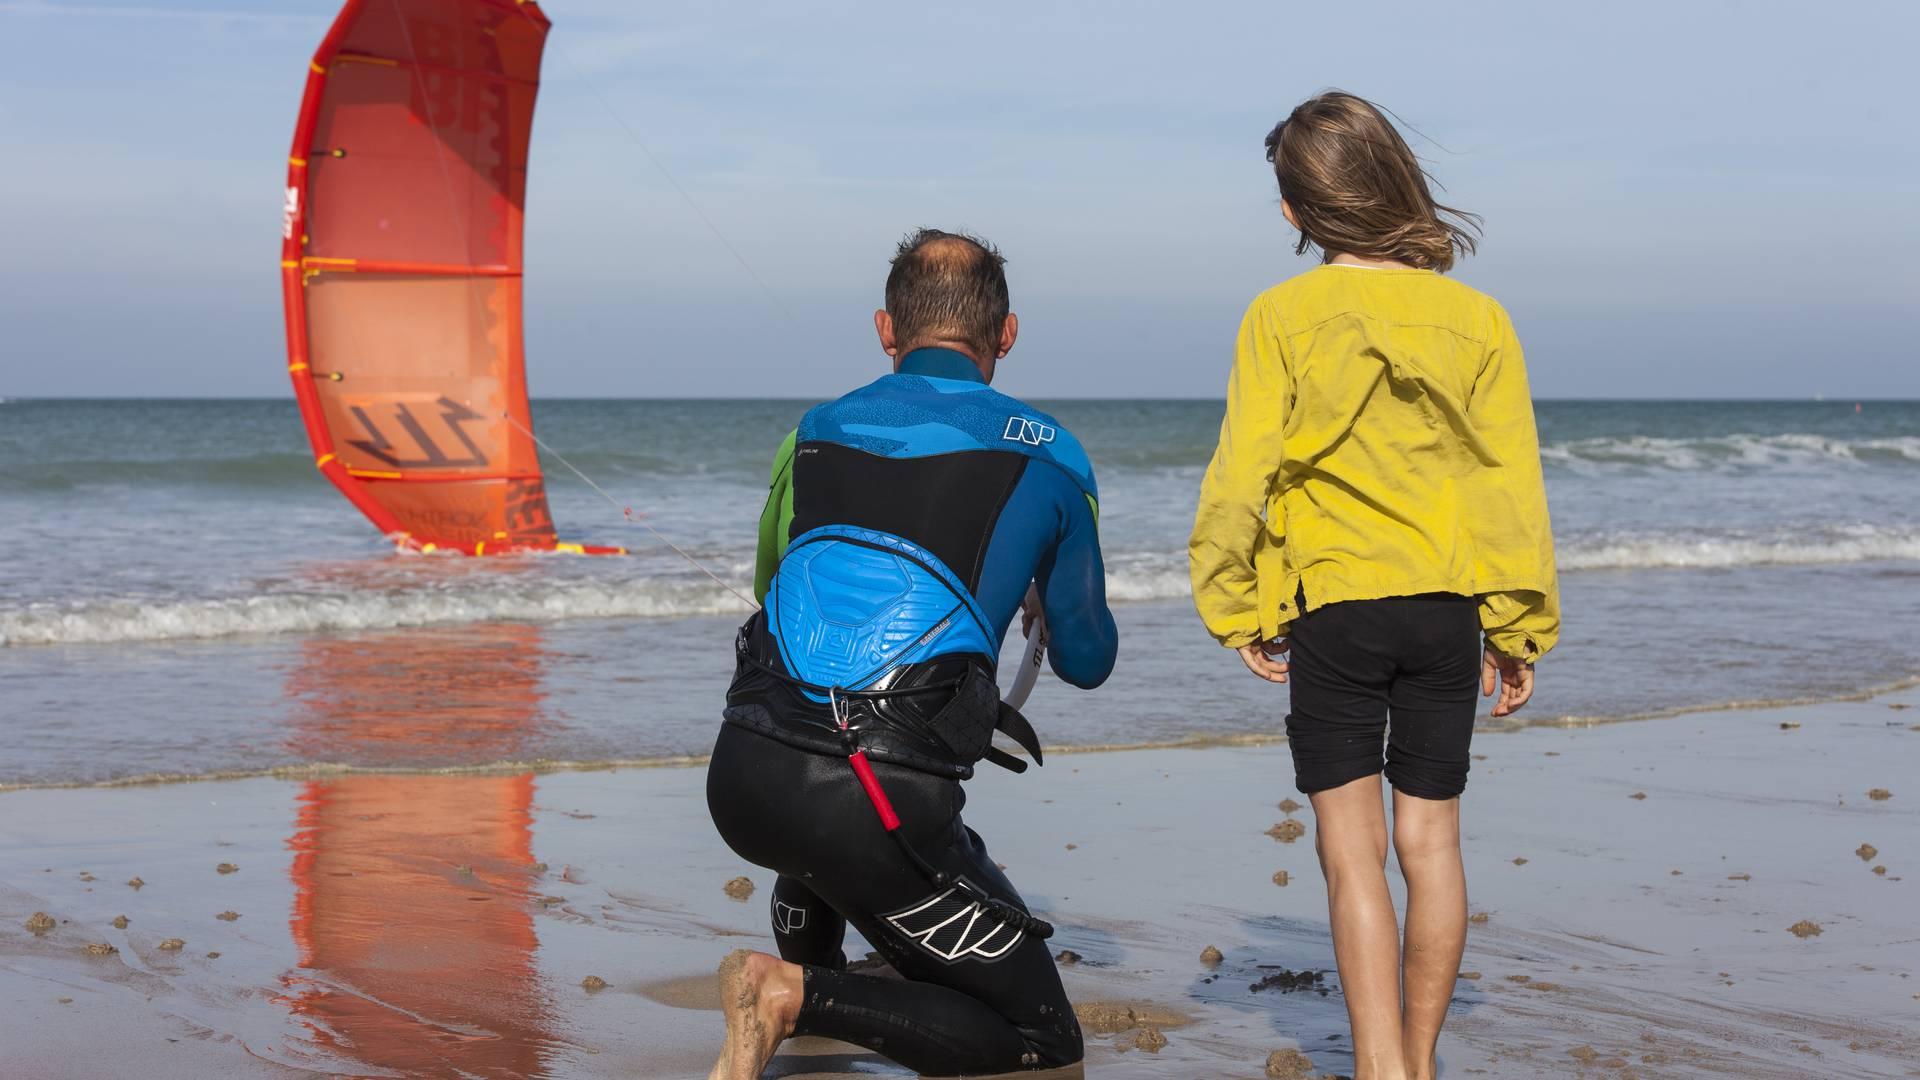 Apprendre le kite-surf - T Jouanneau OTGTM